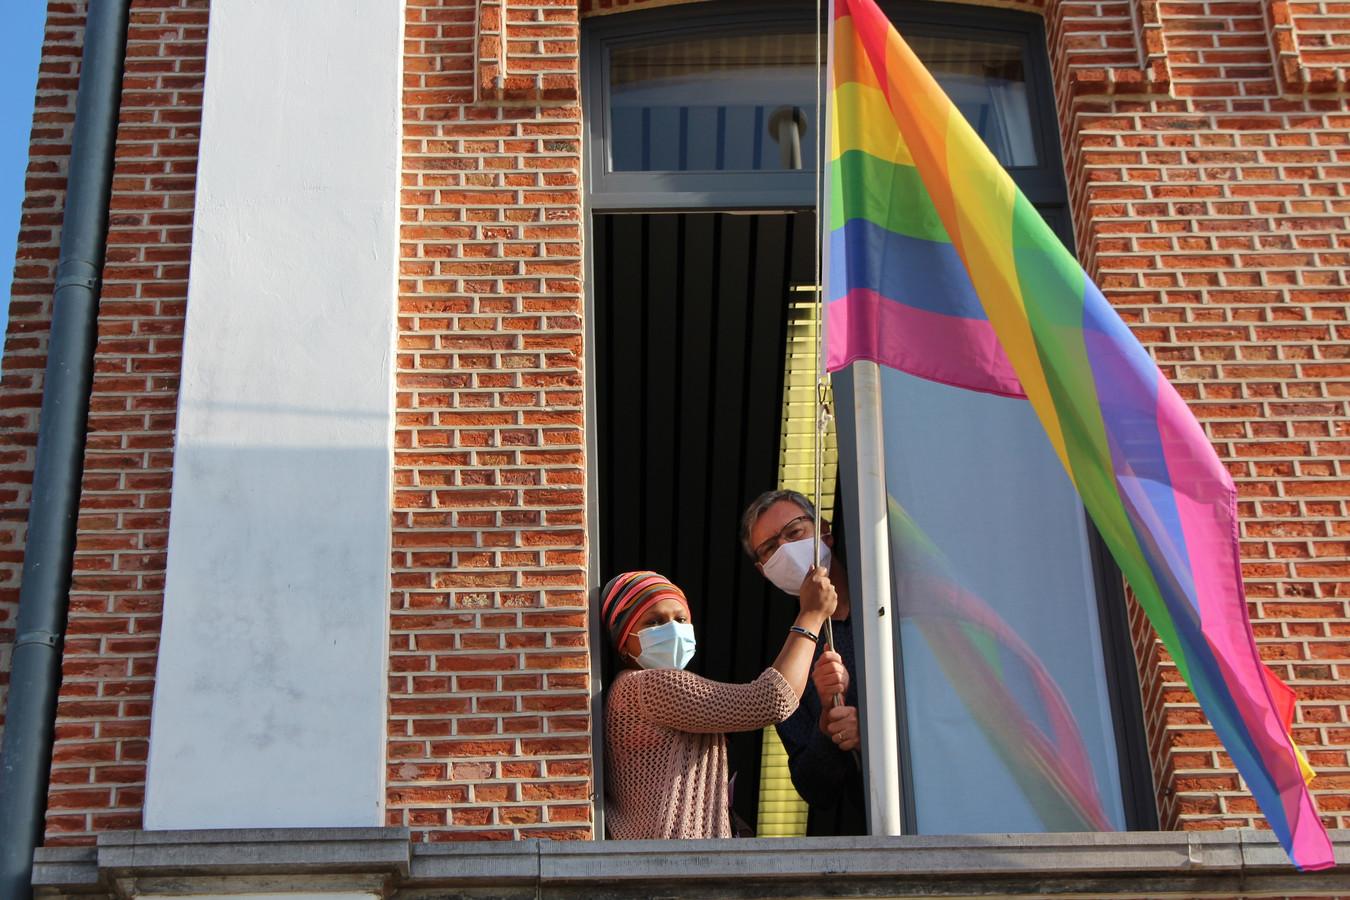 Schepen van Welzijn Sumati Adriaensen en burgermeester Ward Kennes hangen de regenboogvlag op aan het gemeentehuis in Kasterlee